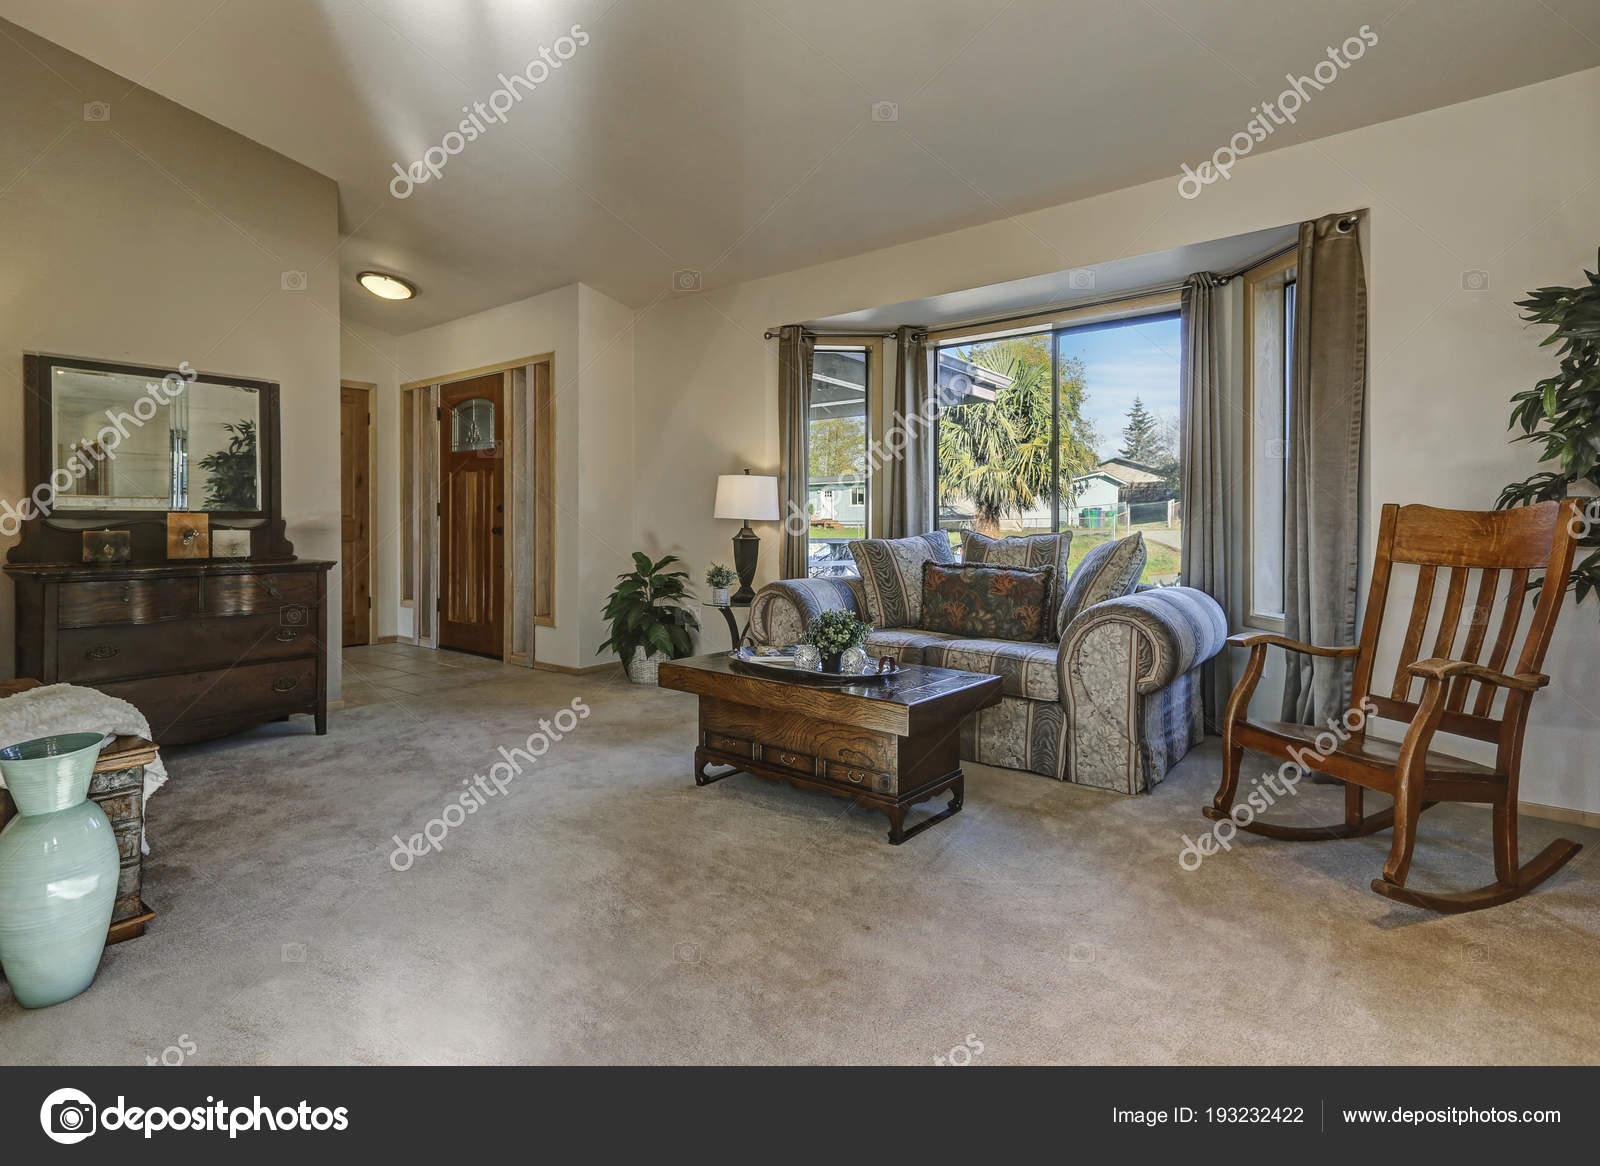 Schommelstoel Aan Het Plafond.Licht Gevuld Familiekamer Met Gewelfd Plafond Stockfoto